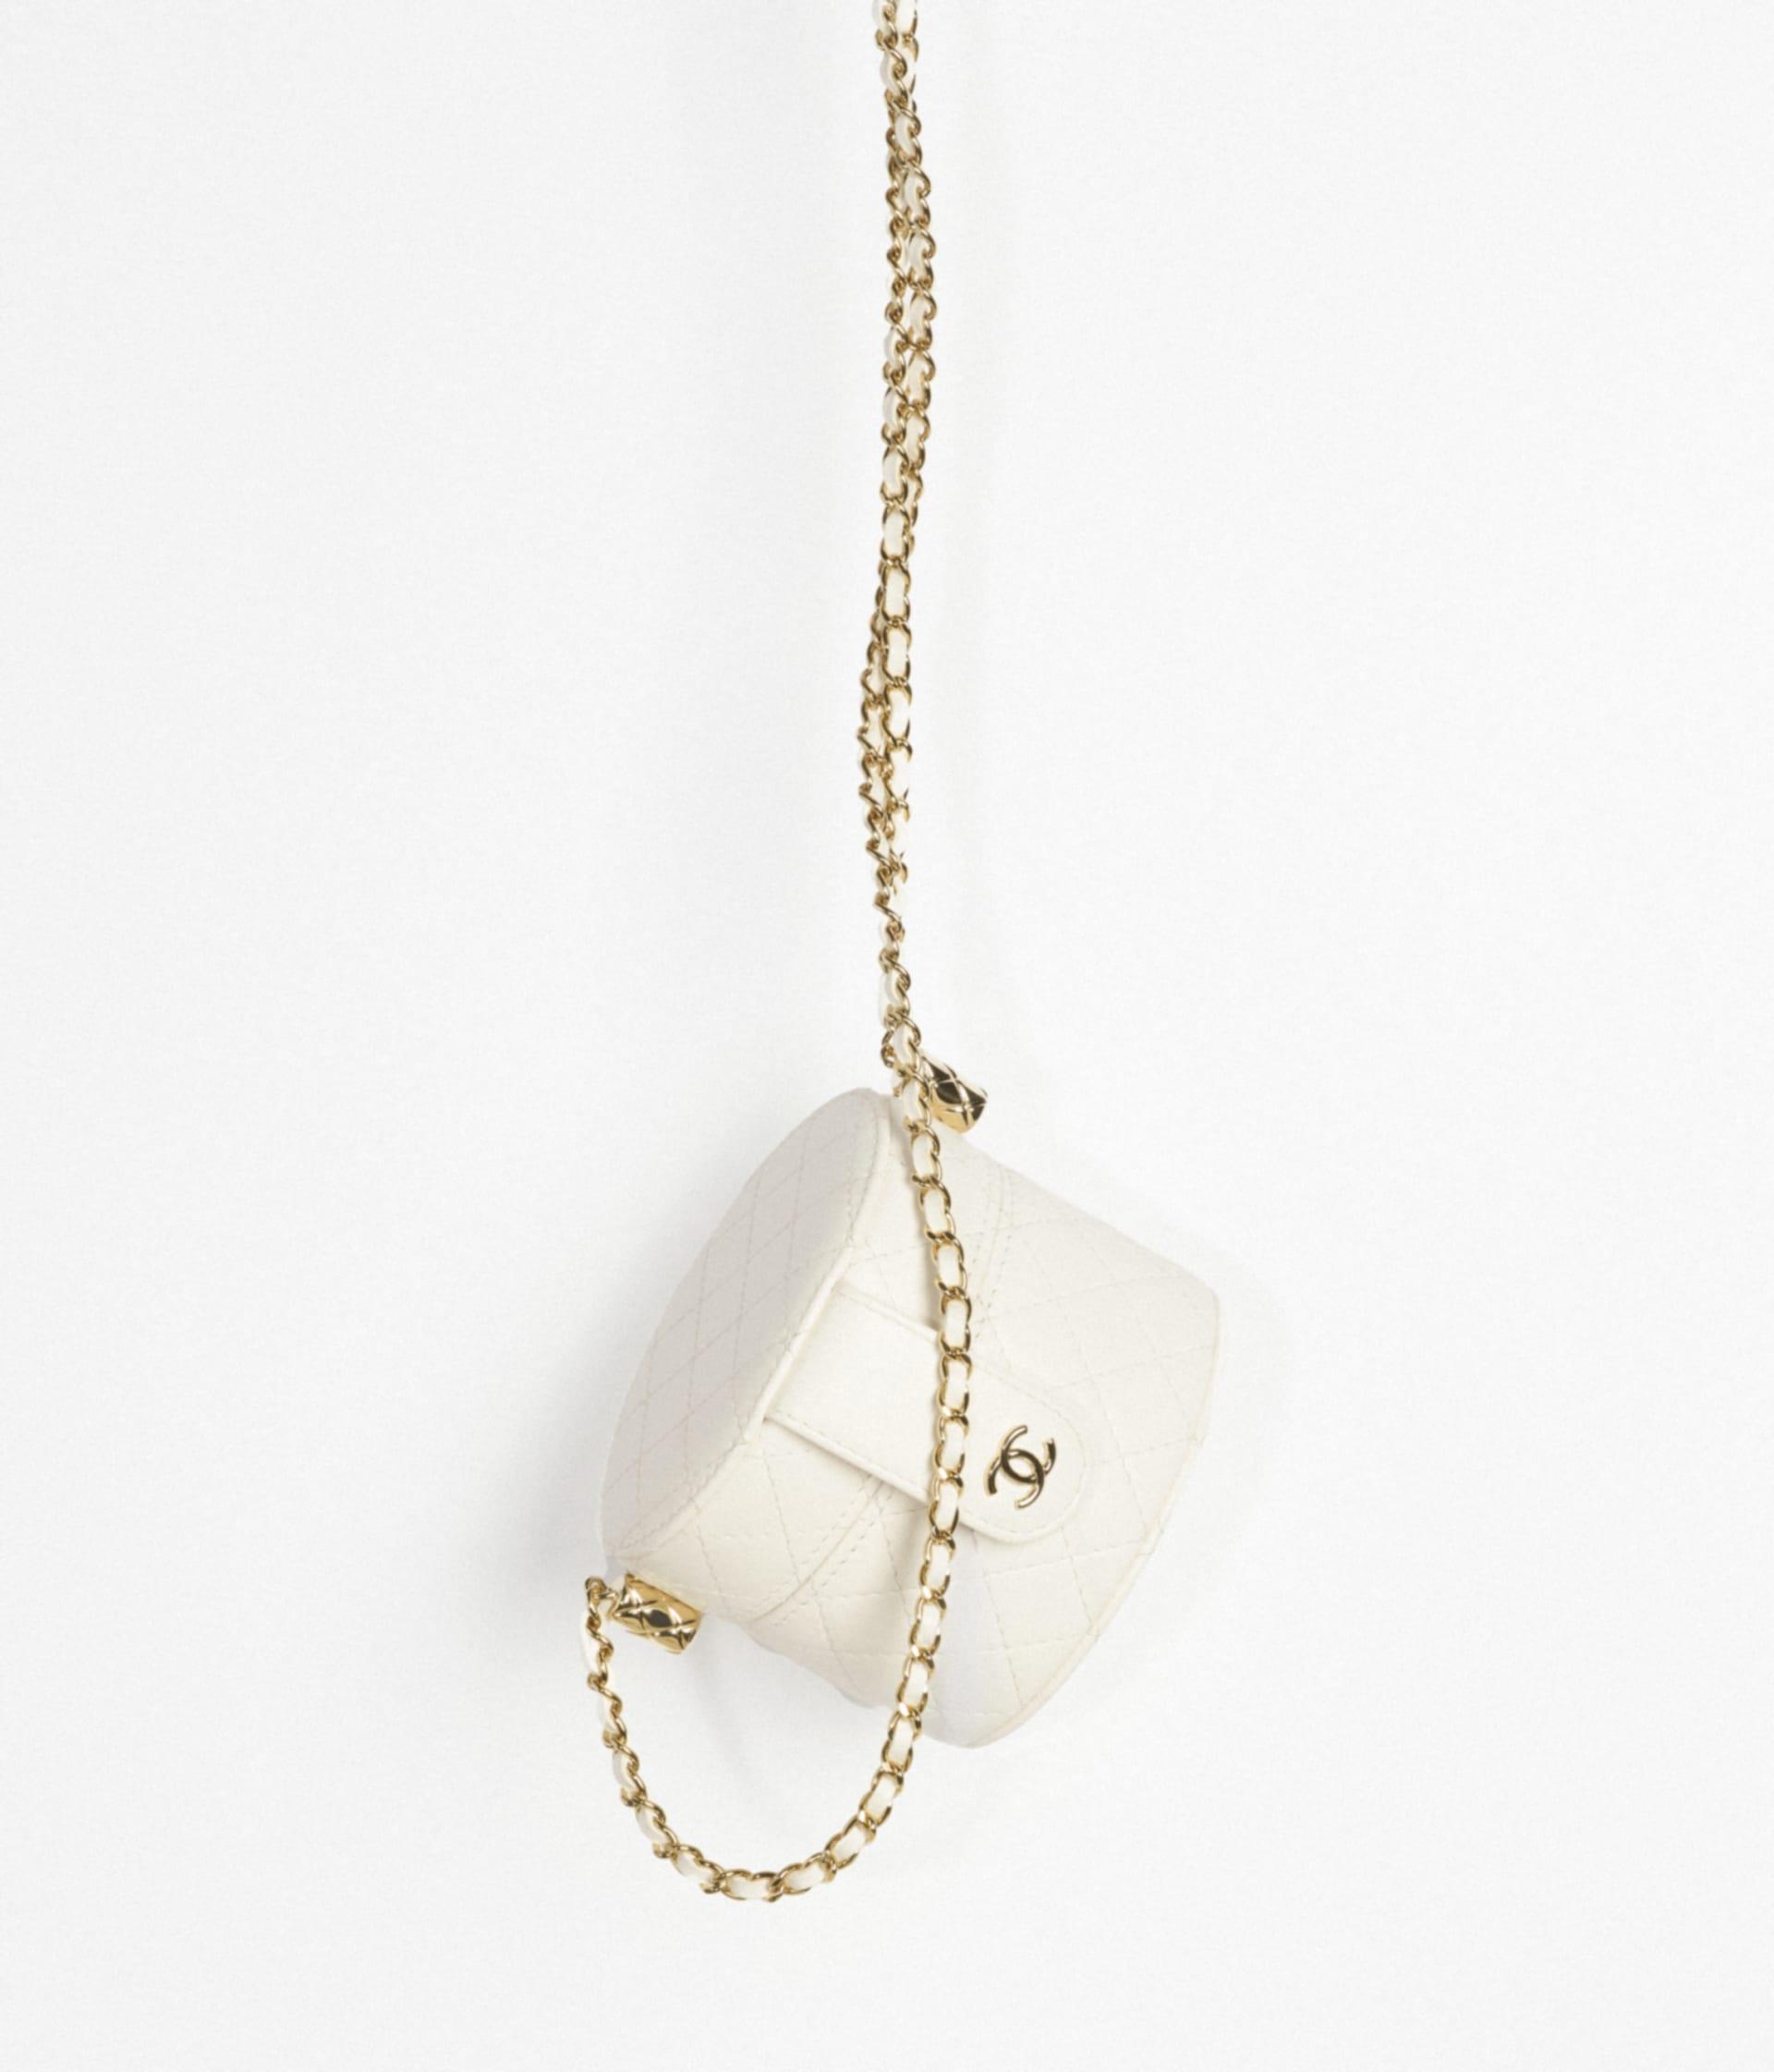 image 3 - Bolsa Vanity Pequena com Corrente - Couro de cordeiro granulado & Metal Prateado - Branco